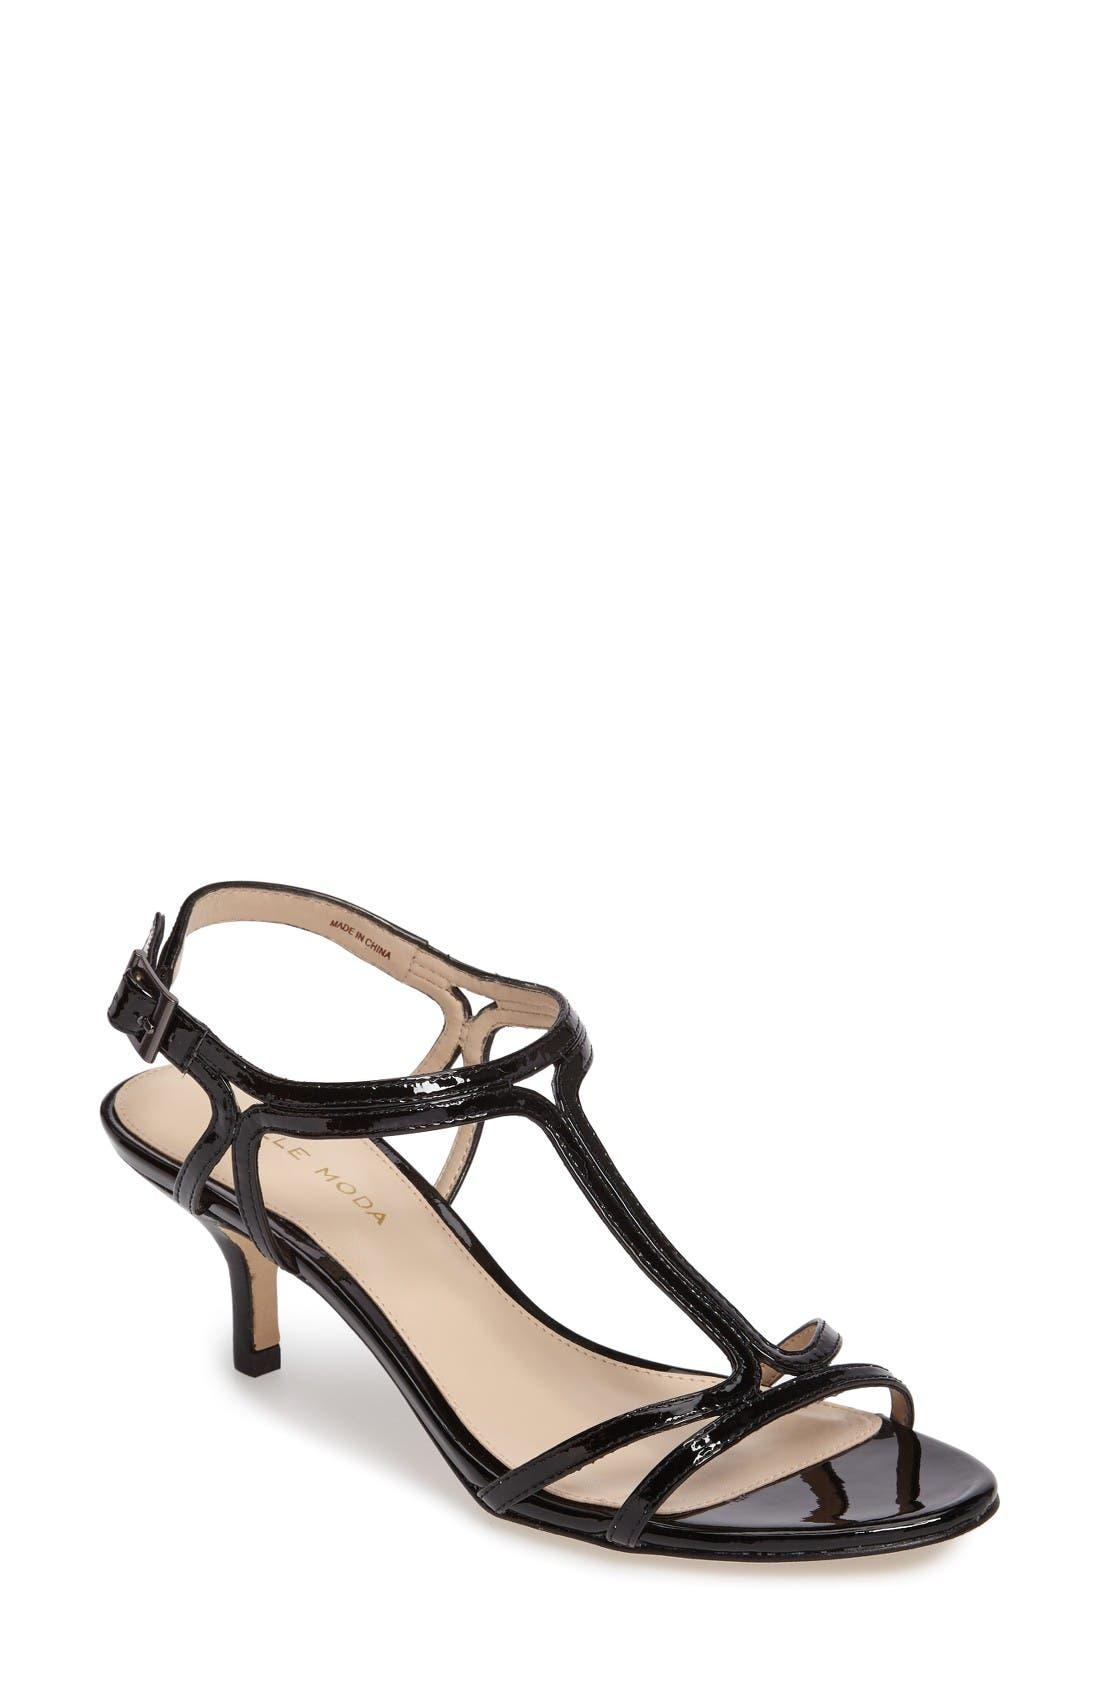 PELLE MODA Abbie Strappy Kitten Heel Sandal